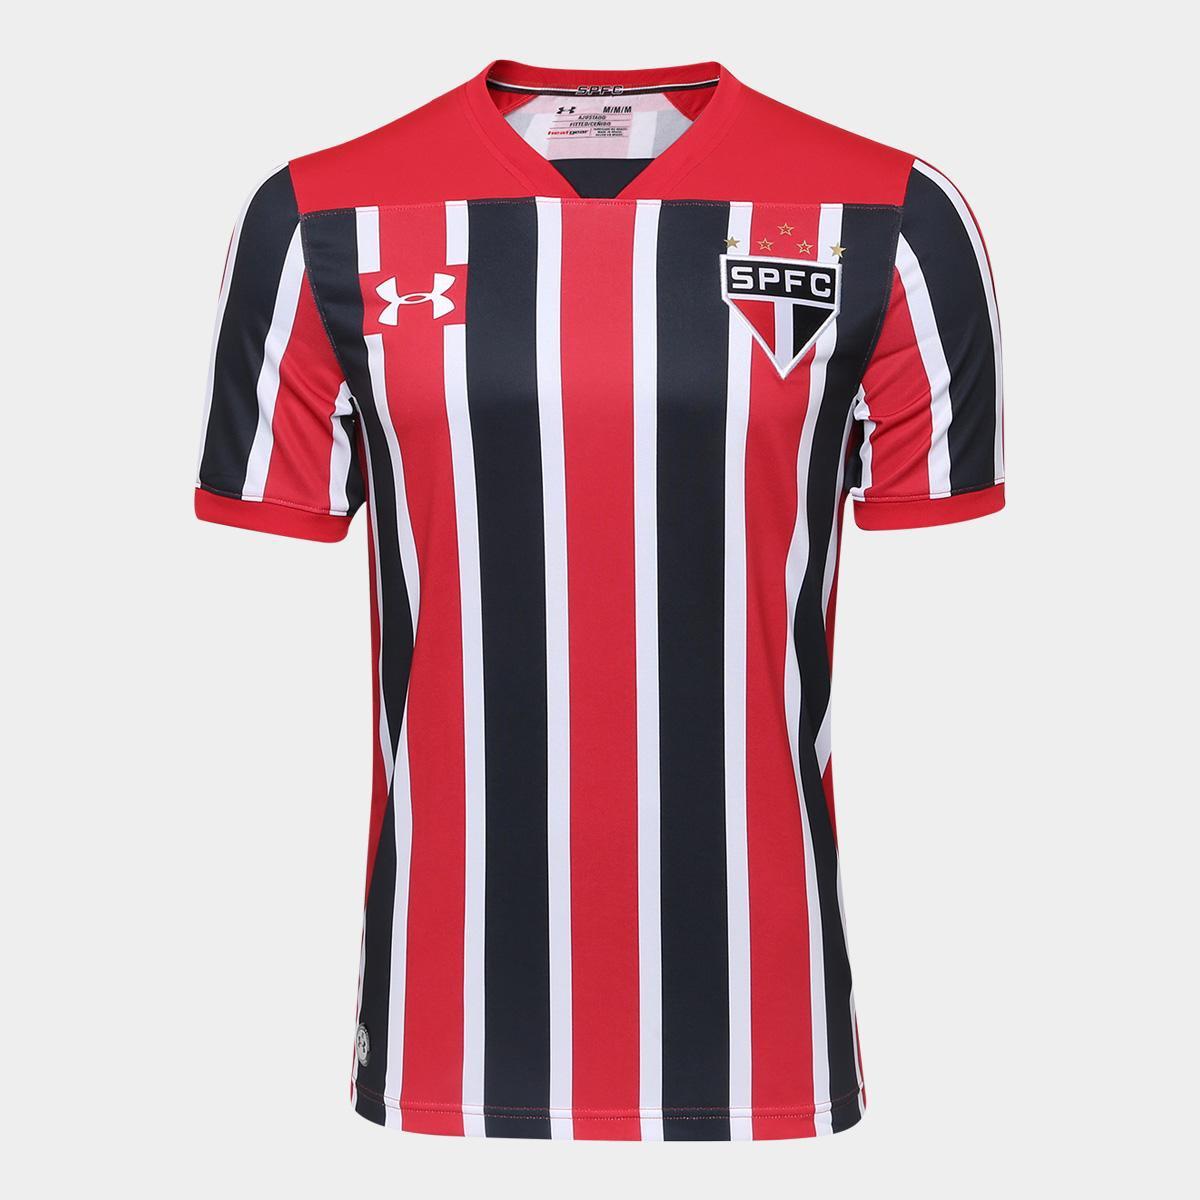 49fc8e88b6252 Camisa São Paulo II 17/18 s/nº Torcedor Under Armour Masculina | São Paulo  Mania